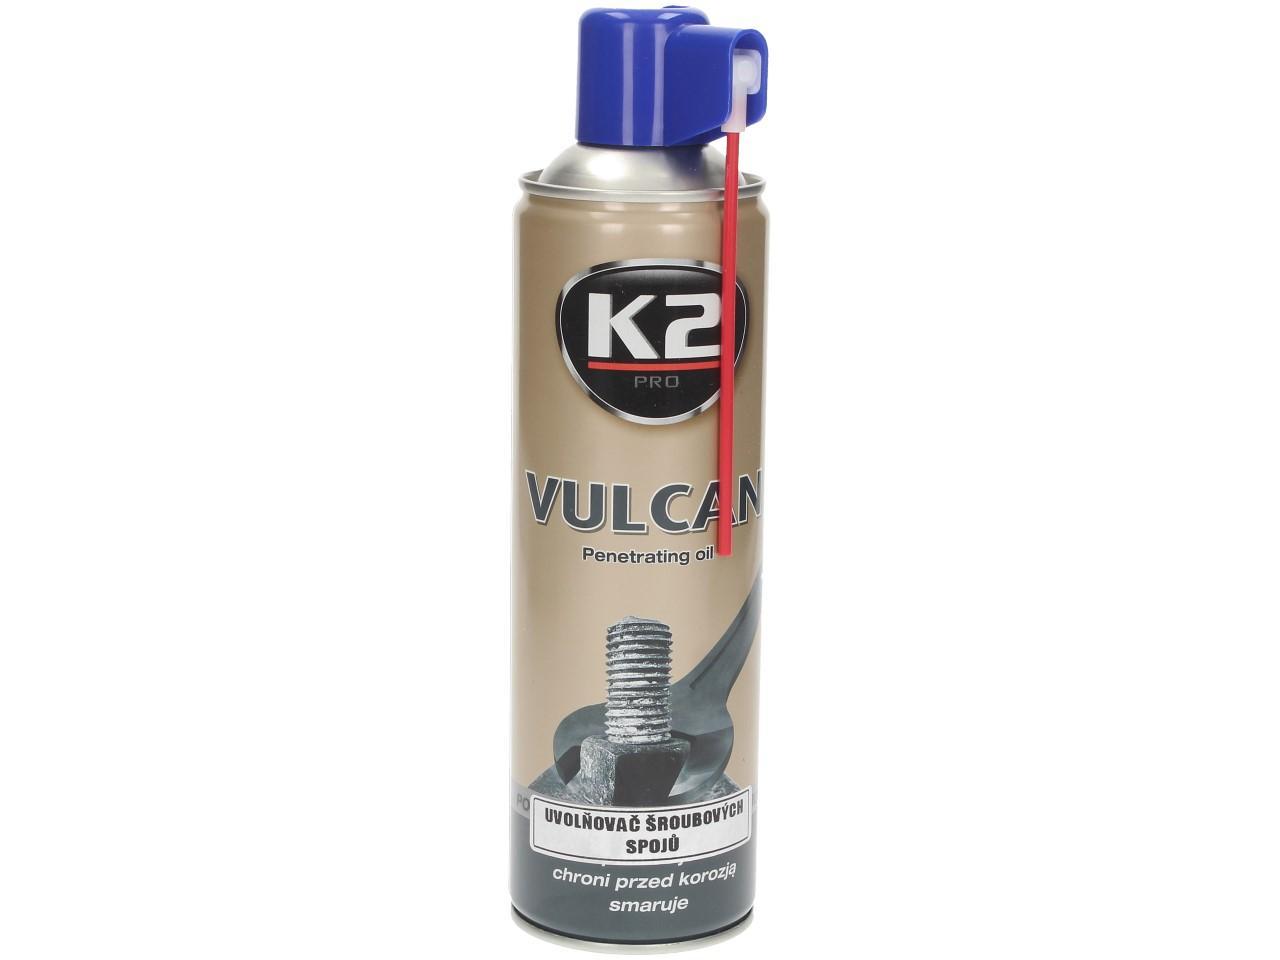 Foto 7 - K2 VULCAN 500 ml - přípravek na uvolňování spojů